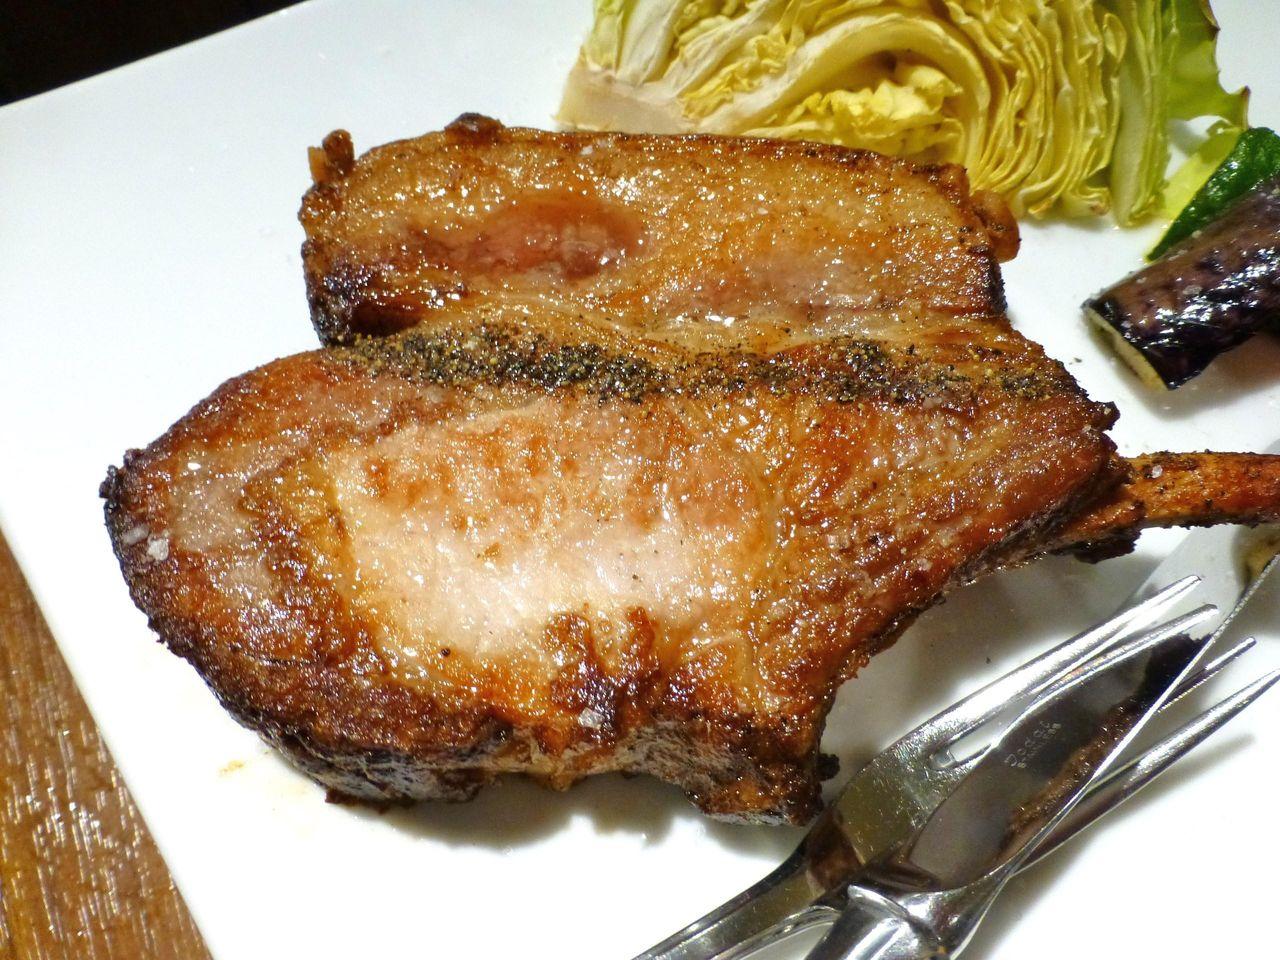 骨付きの松坂豚をワイルドに焼き上げます!